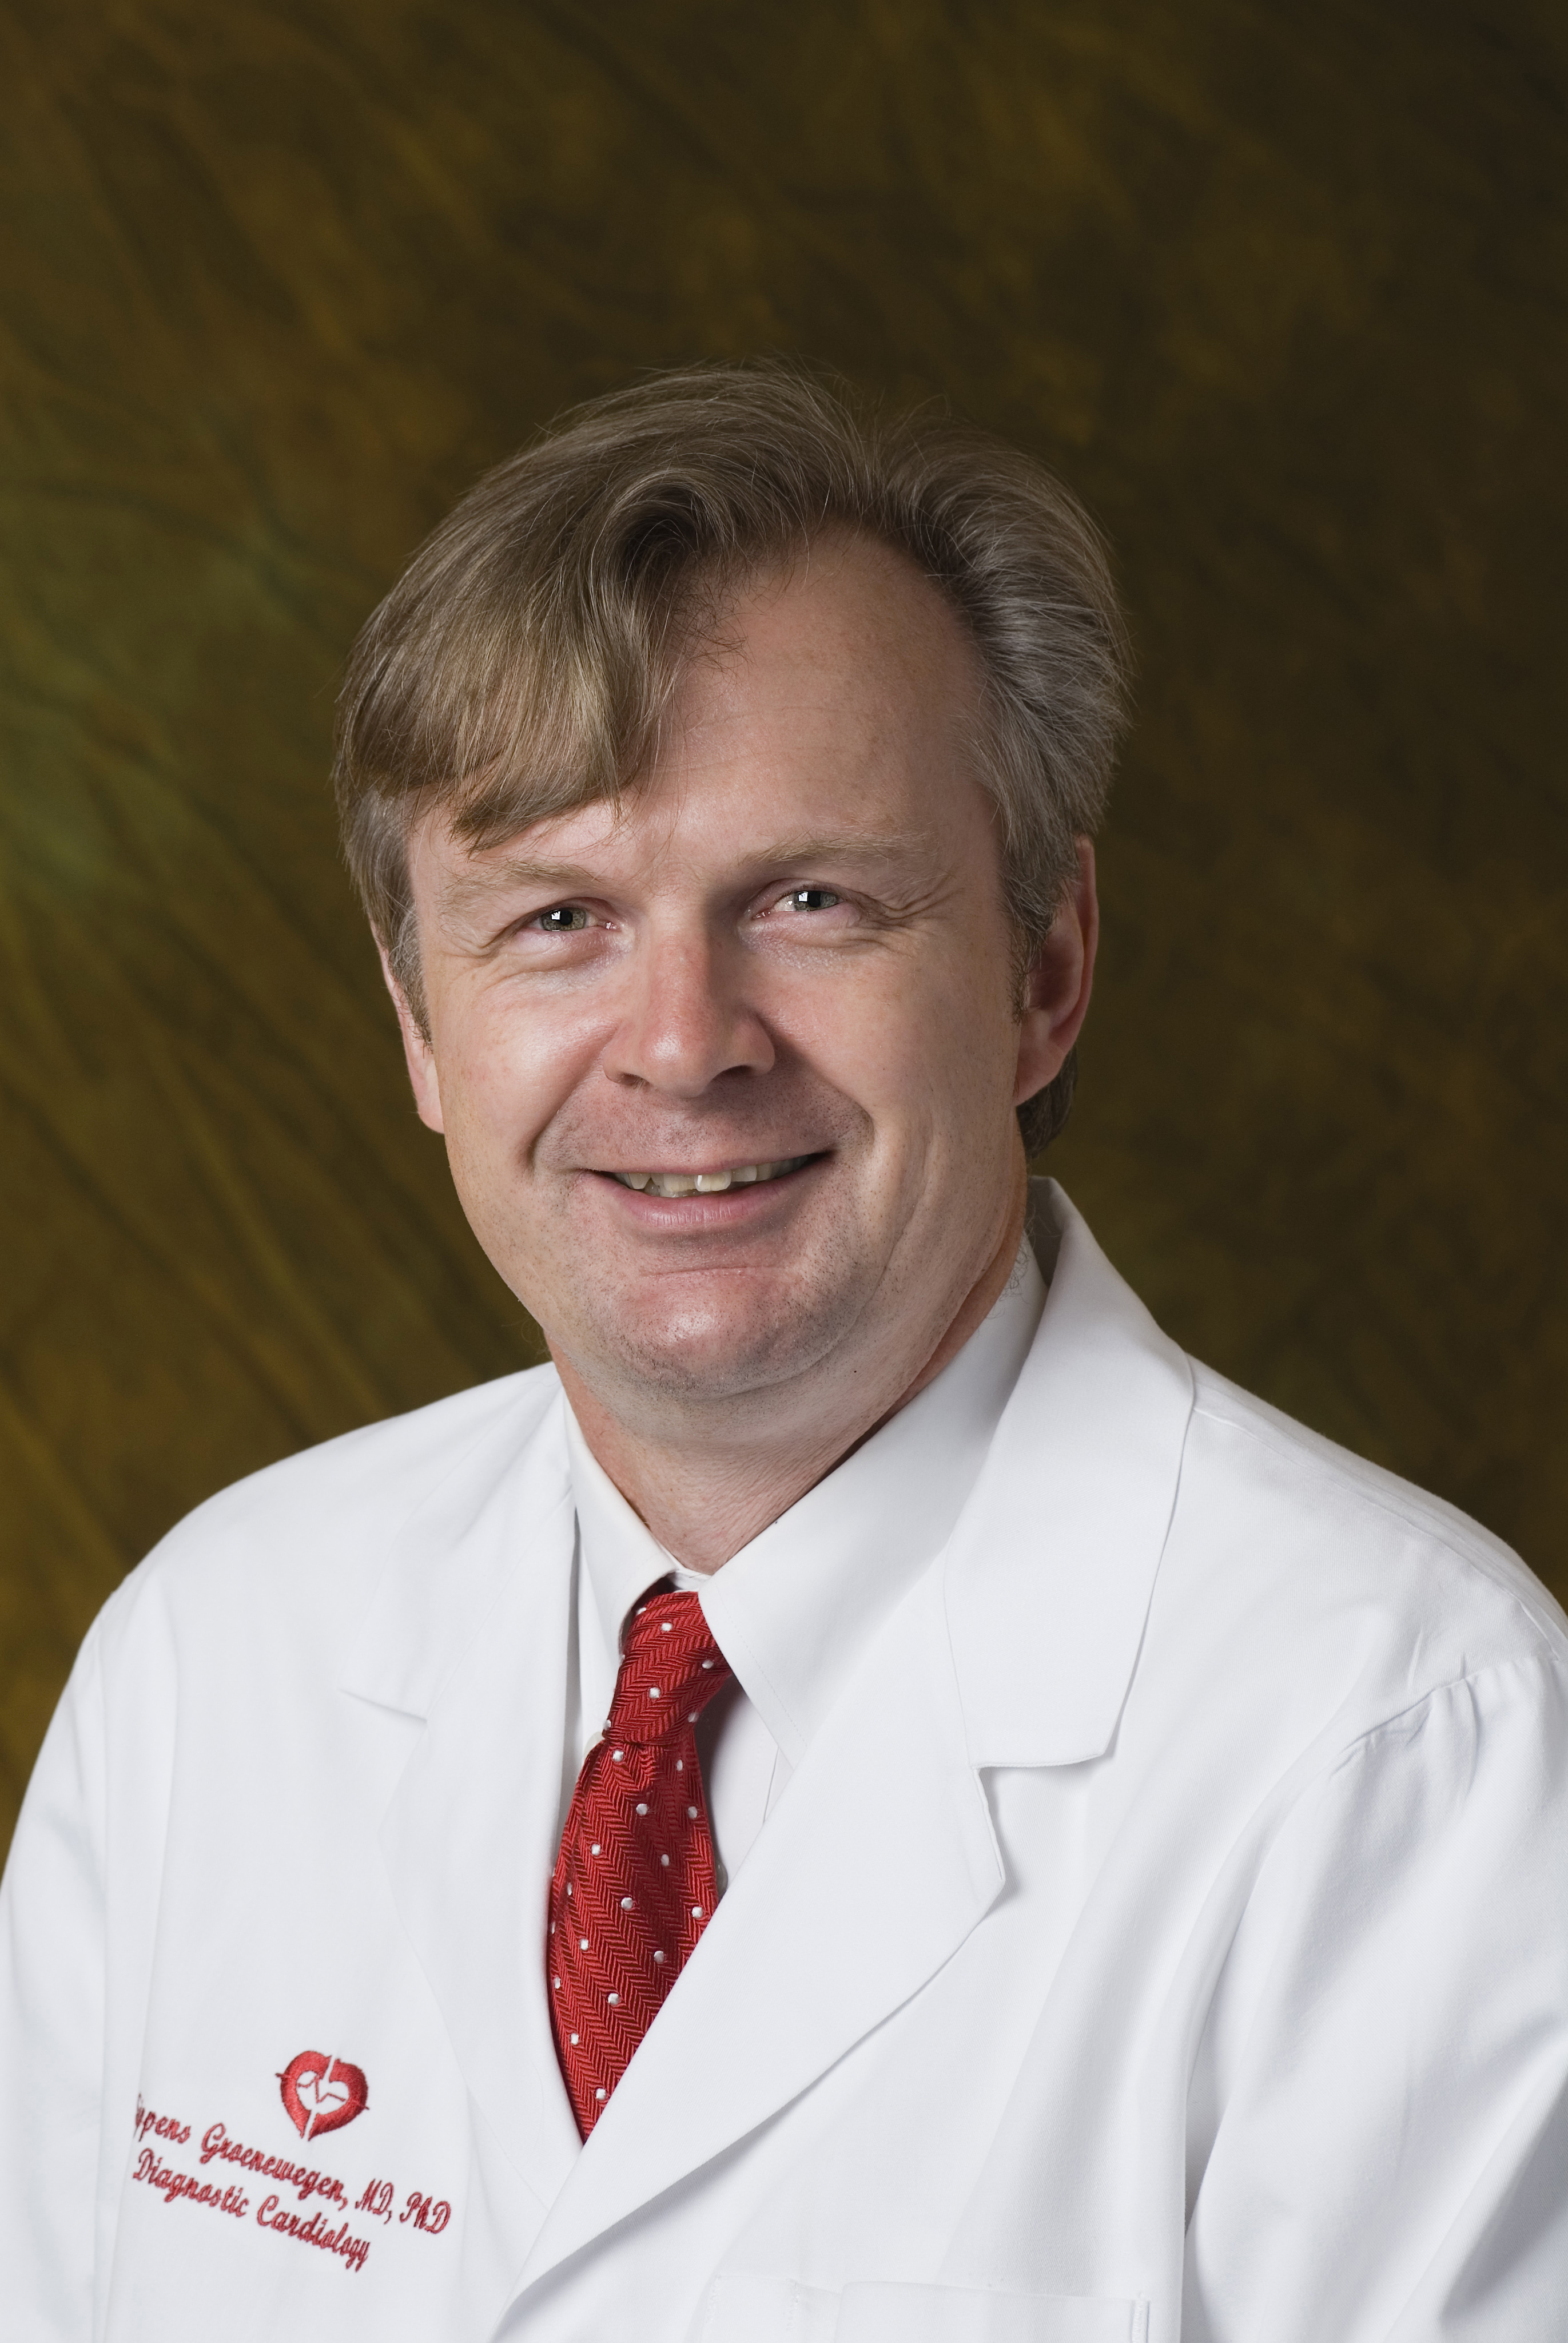 Arne Sippens Groenewegen, MD